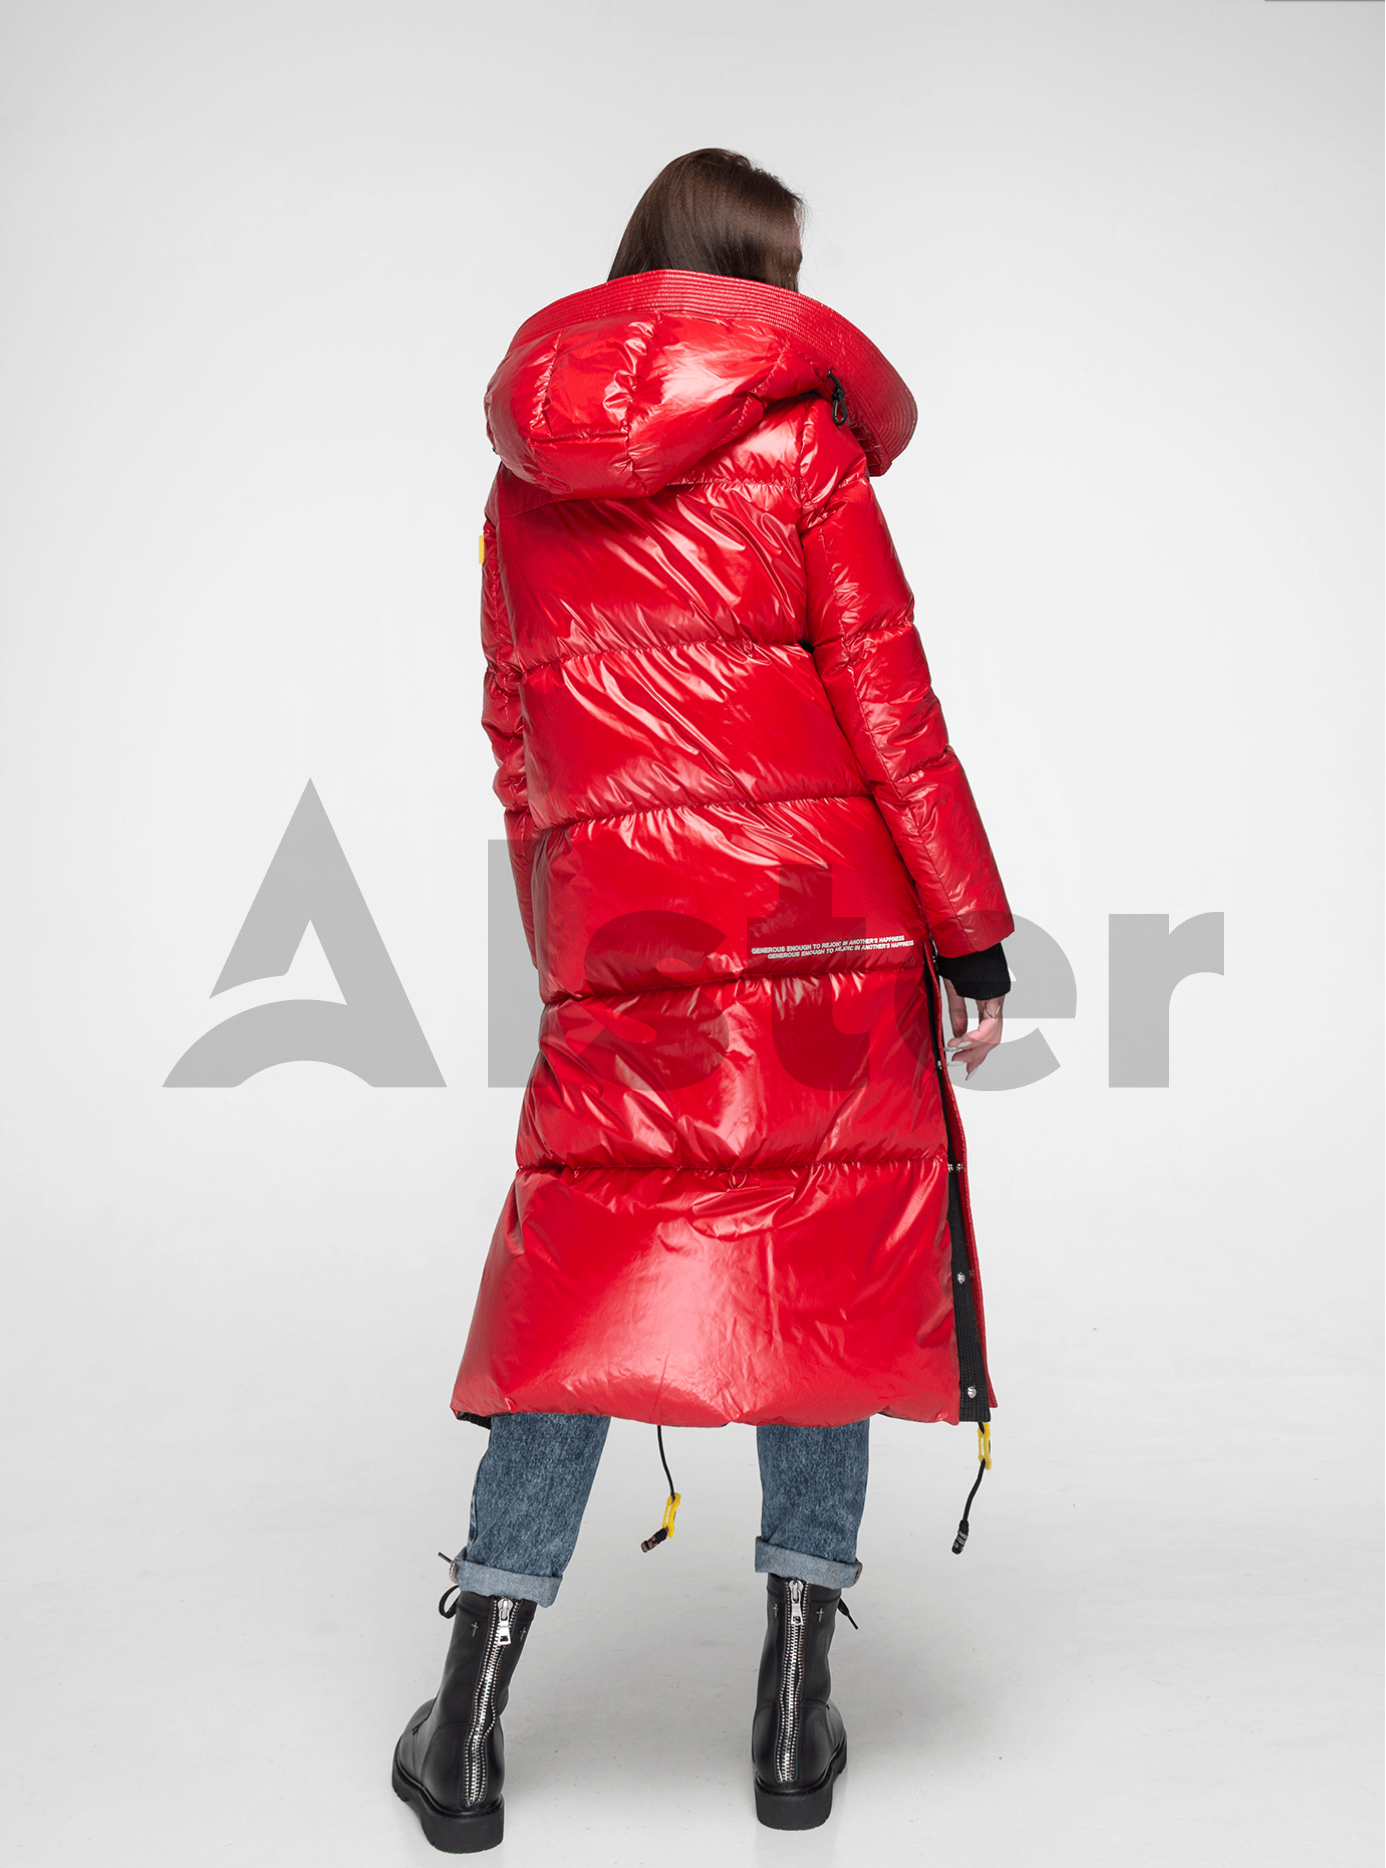 Пуховик женский длинный Красный M (02-Y191096): фото - Alster.ua